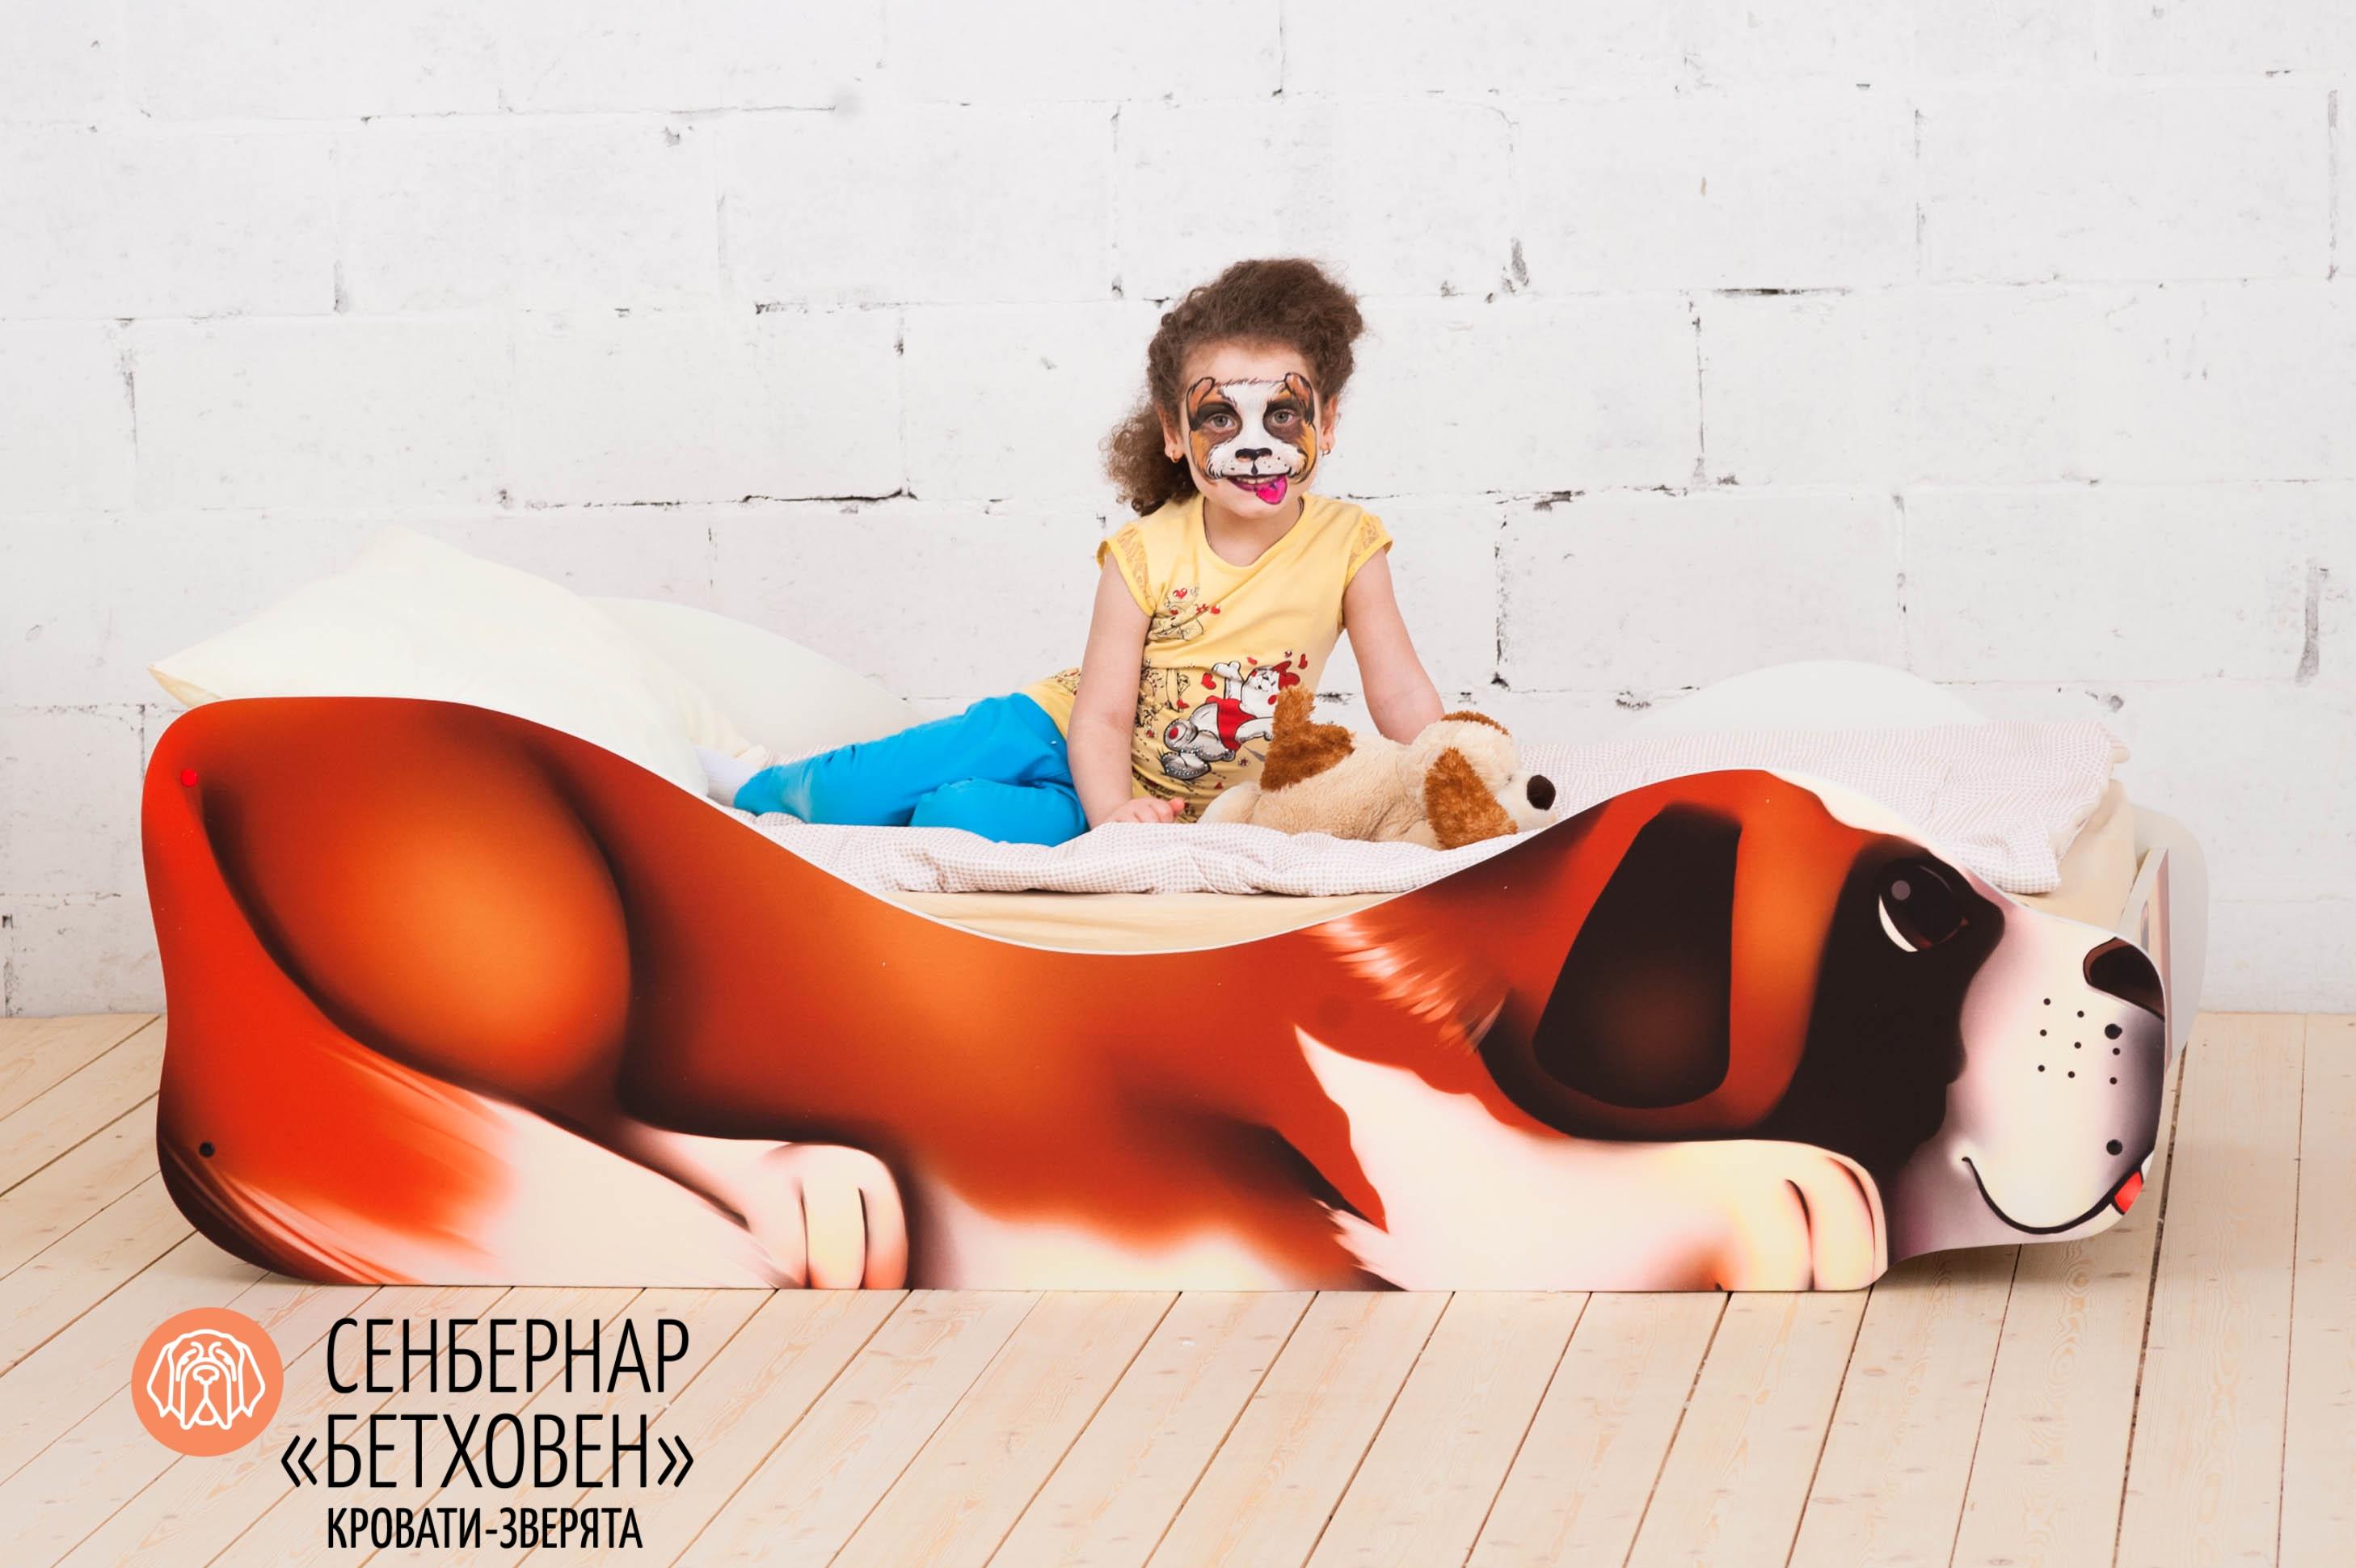 Детская кровать-зверенок -Сенбернар- Бетховен-6